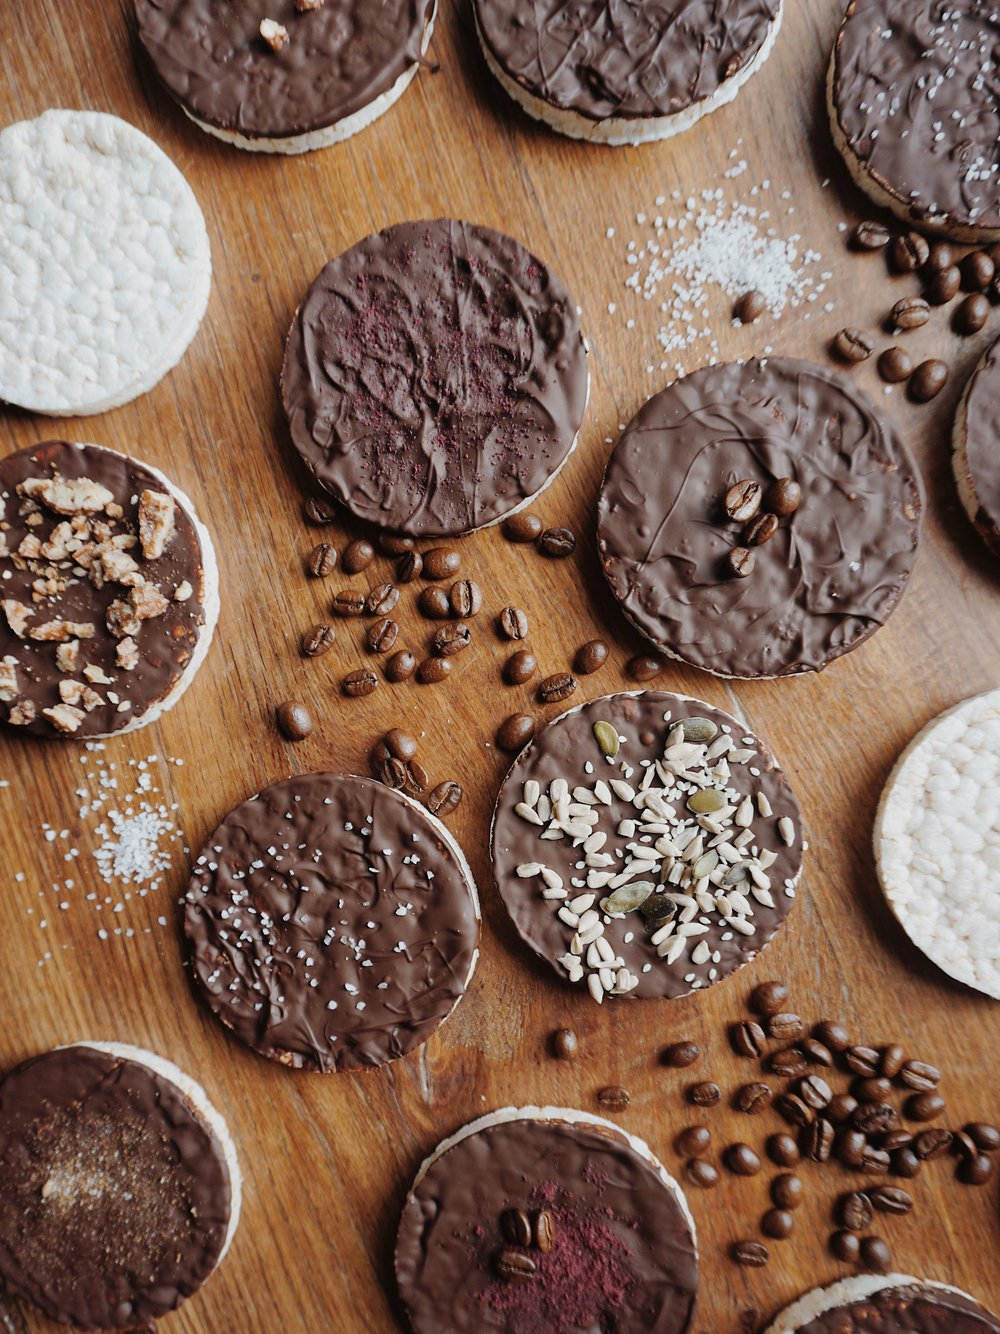 ģeniāli vienkāršais našķis - galetes šokolādē - man šis jums noteikti jāizstāsta. jau labu laiku par savu īstāko našķi esmu atzinusi rīsu galetes šokolādē. tas ir pilnīgi manā gaumē - kraukšķ, šokolāde, garšīgi. lūk, vienā dienā sēdēju pie galda un sapratu, ka vispār neesmu iedomājusies, ka tās varu uzgatavot pati. ņemot vērā, ka gan klasiskās galetes, gan šokolāde mūsmājās vienmēr krājumos ir biezā slānī, ilgi negaidīju un visu izdarīju tieši piecminūtē.